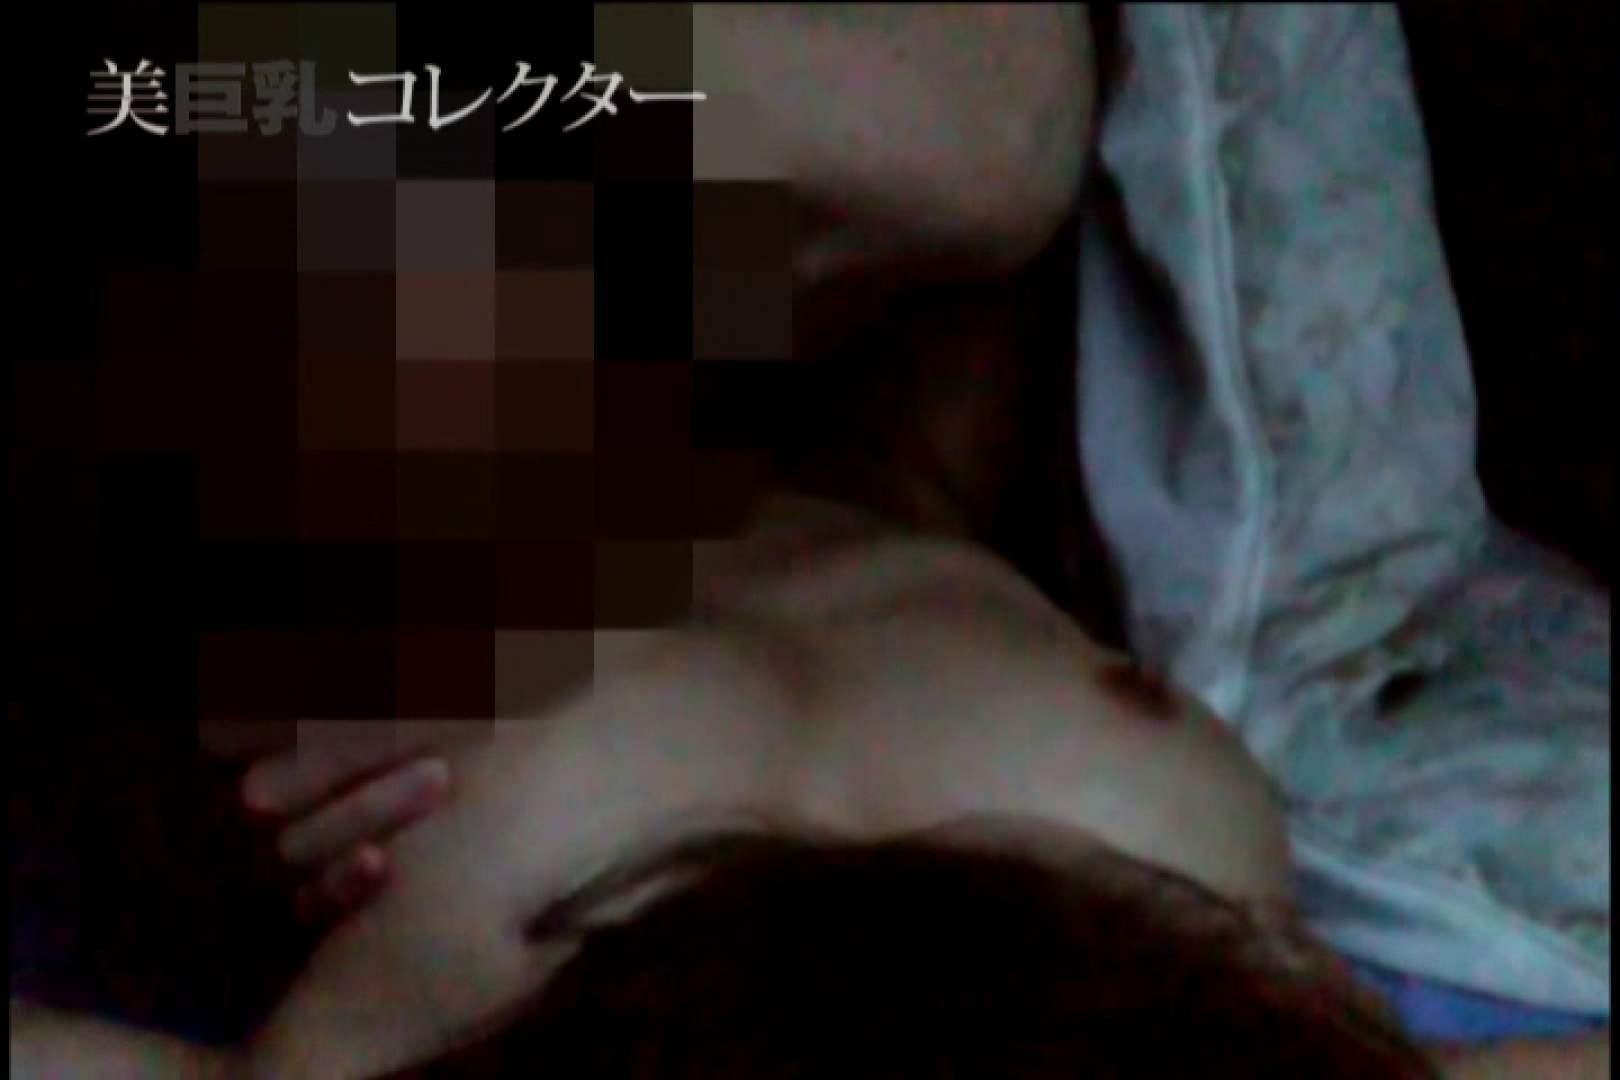 泥酔Hカップ爆乳ギャル3 ギャル スケベ動画紹介 58pic 18